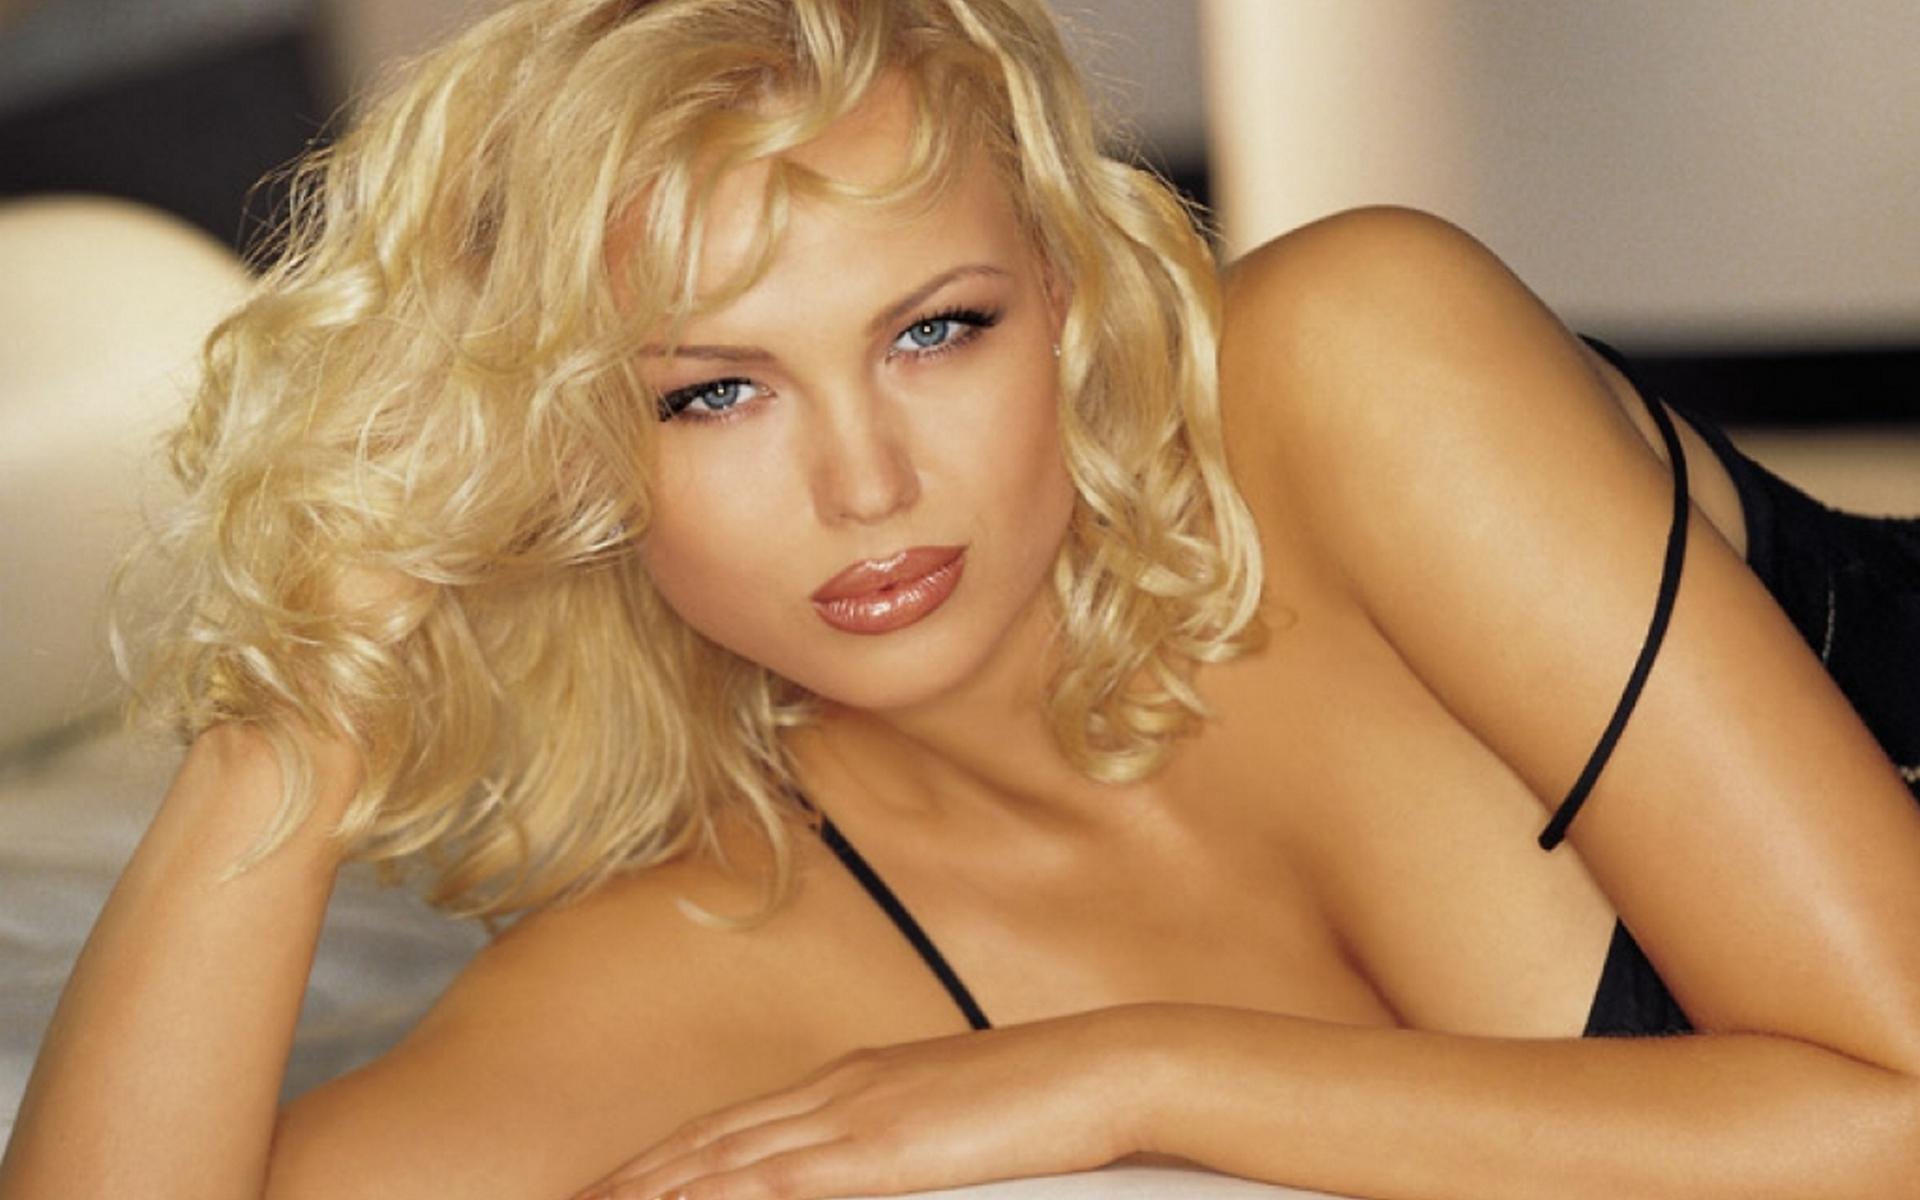 Самая красивая сексуальная дама 18 фотография